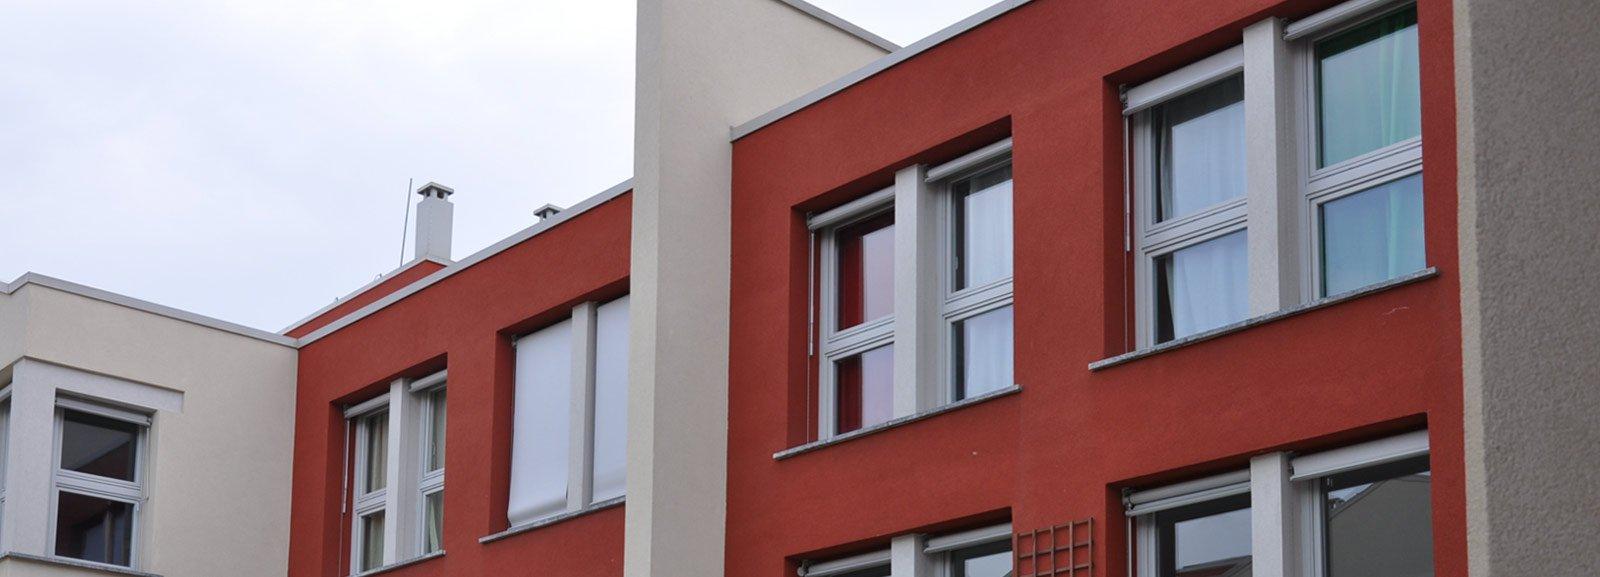 Cohousing un nuovo modo di abitare cose di casa for Costruire un nuovo costo di casa